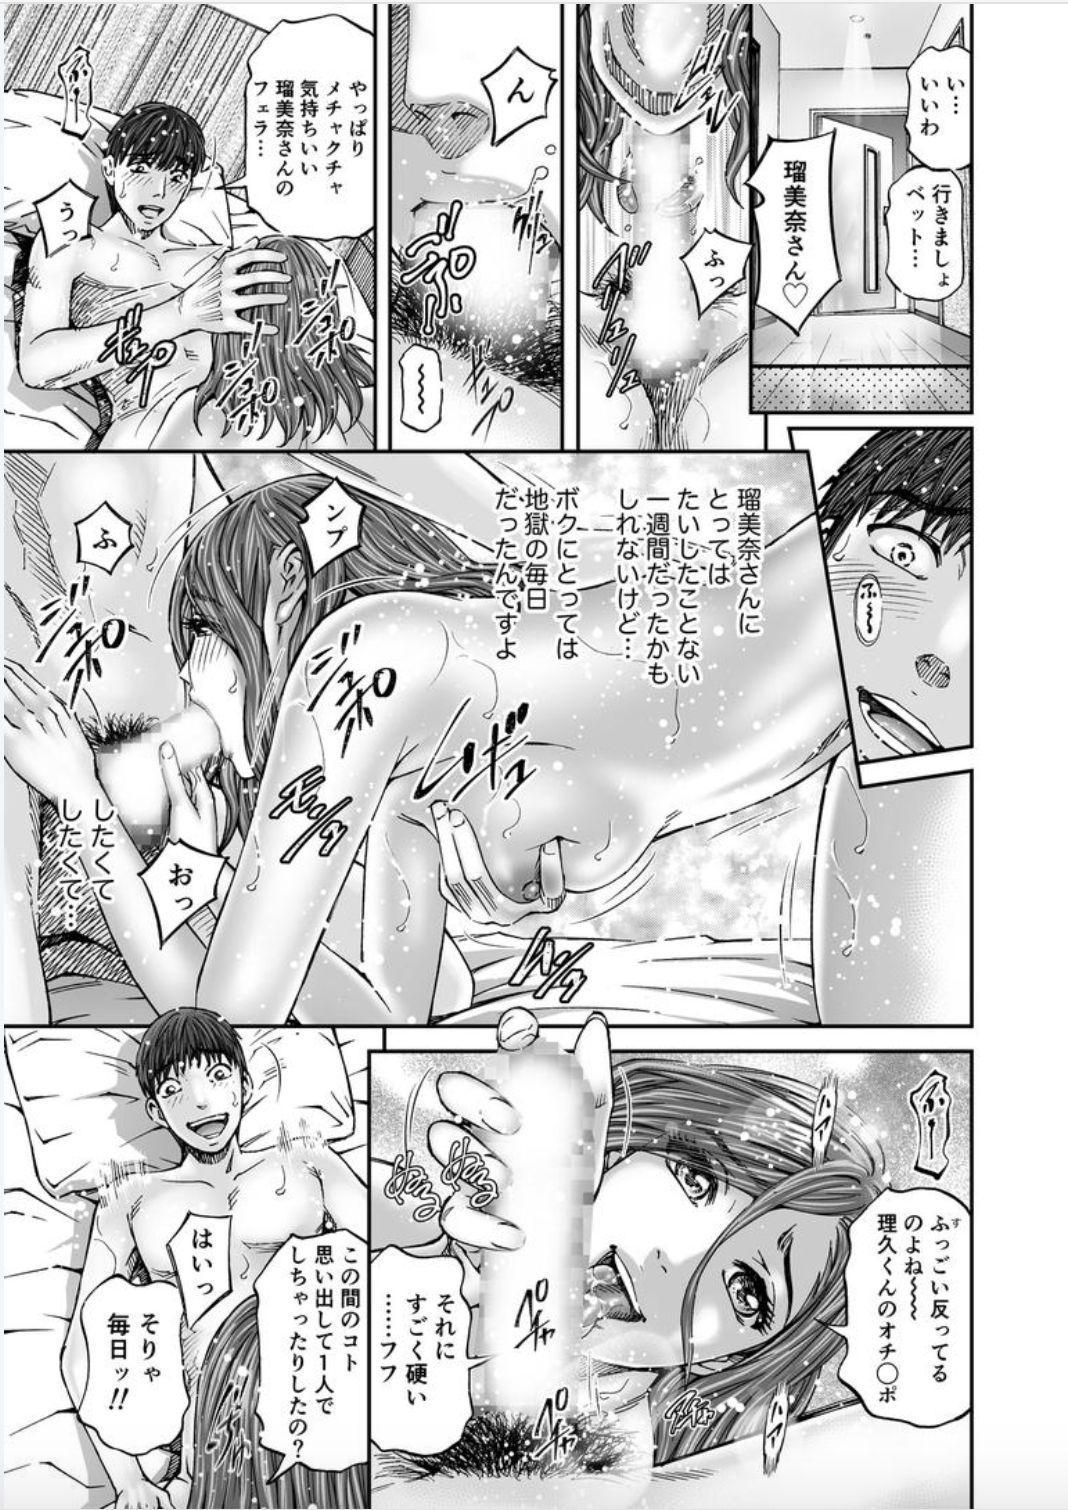 Seisyoku Dance Hitodzuma no chitsueki ni mamirete 1-2 83